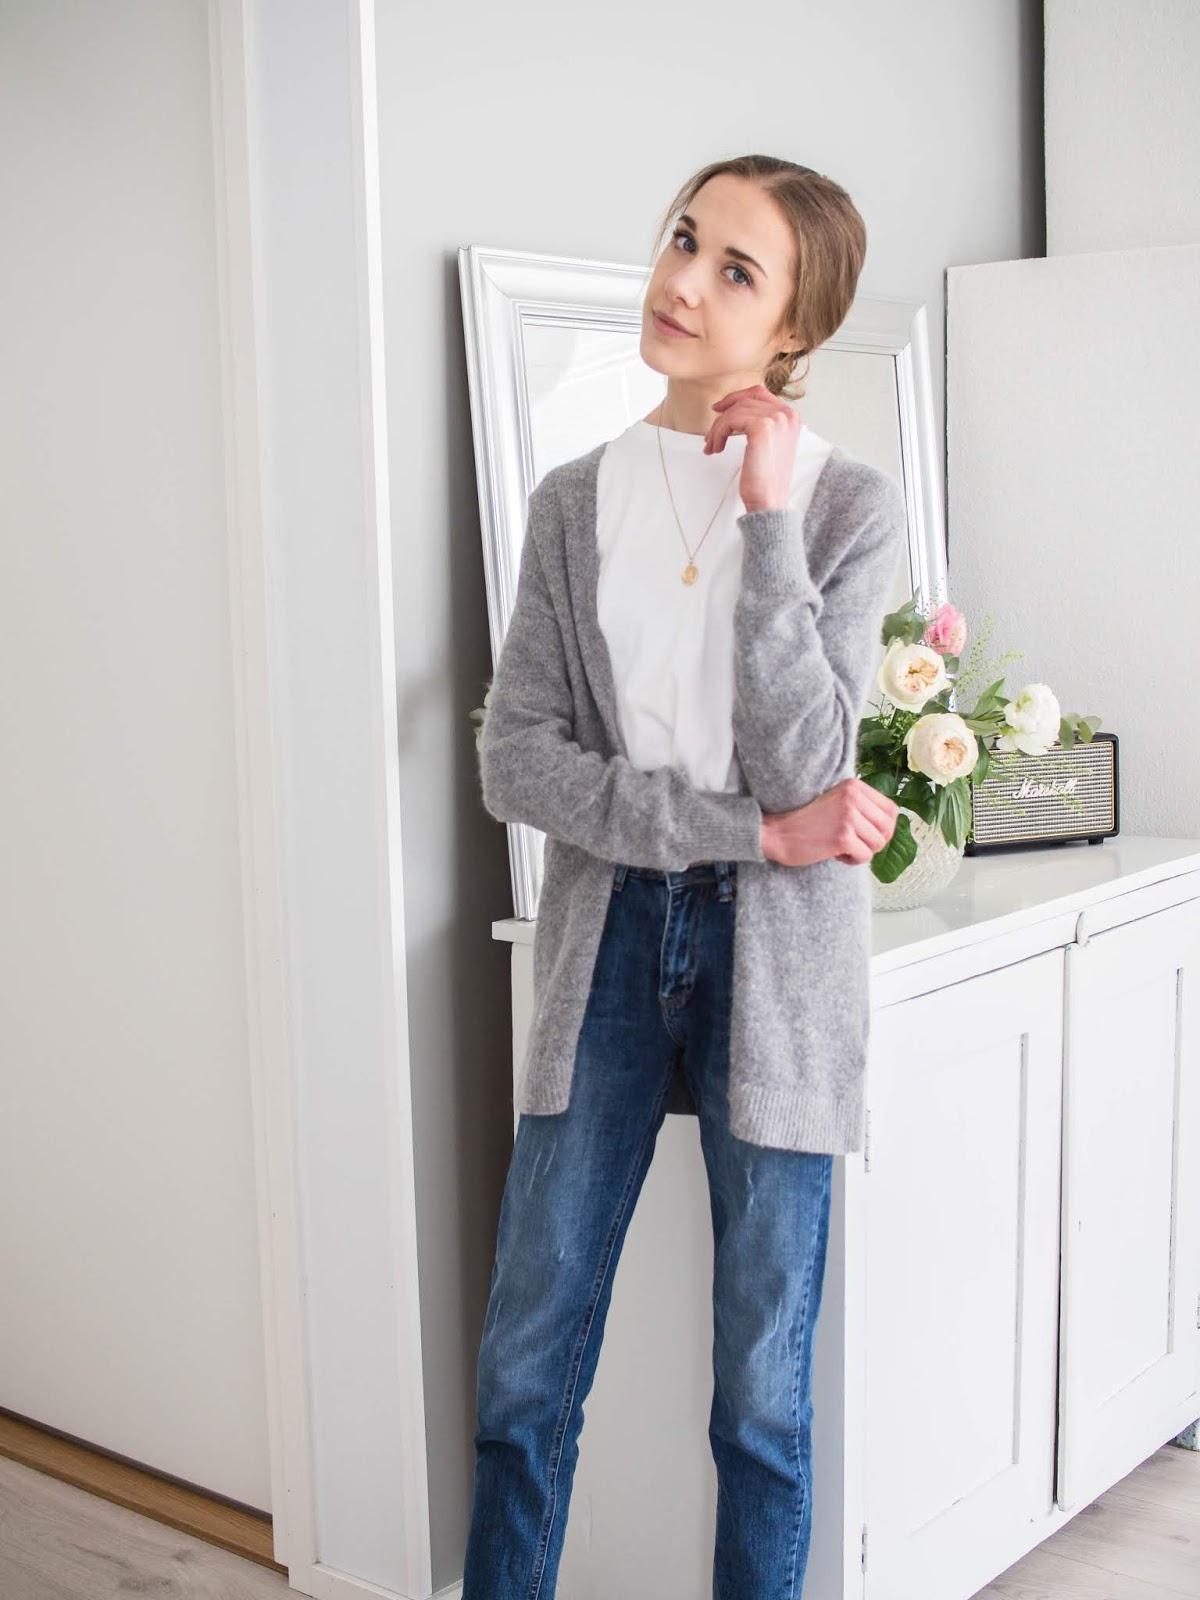 Minimal and chic Scandinavian style outfit - Minimalistinen skandinaavinen tyyli, muotibloggaaja, Helsinki